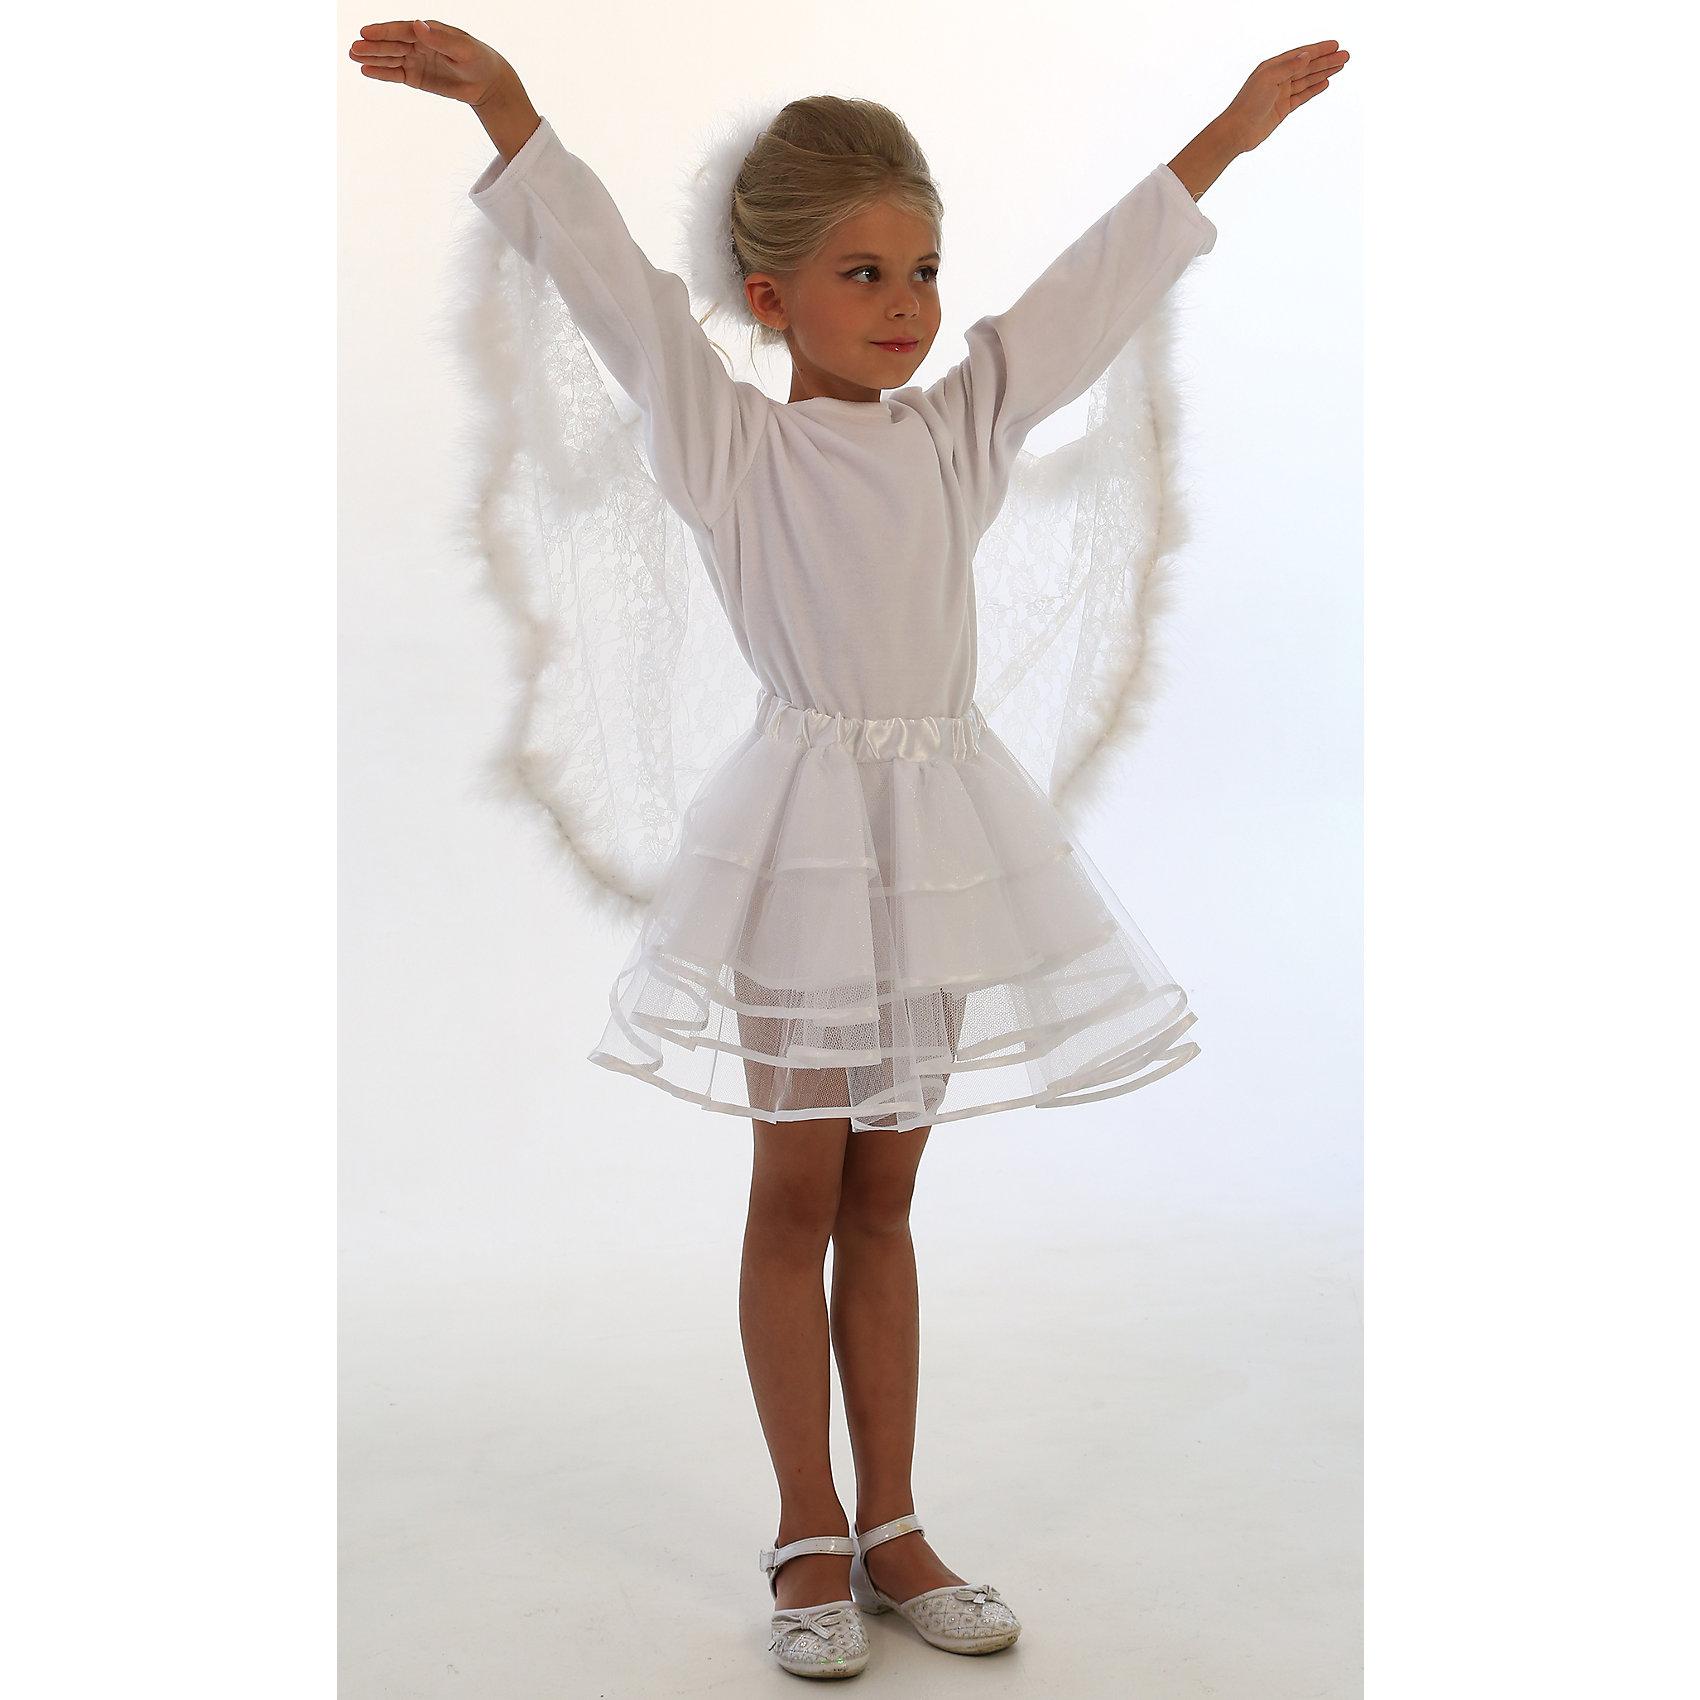 Карнавальный костюм Лебедь, ВестификаКарнавальный костюм Лебедь, Вестифика<br><br>Красивая и благородная птица легла в основу карнавального костюма «Лебедь». <br>Костюм состоит из белой бархатной кофточки с ажурными полупрозрачными гипюровымикрыльями. Крылья оторочены настоящим боа. Дополняет костюм многоярусная пышная юбка-пачка из окантованного фатина белого цвета на резинке. В комплект входит также укражение для волос из боа.<br><br>Комплектация:<br>Кофточка из велюра и гипюра<br>Юбка-пачка из фатина с подкладкой из тафеты<br>Украшения для волос из боа<br><br>Ткани:<br>Фатин (100% полиэстер)<br>Велюр (80% хлопок, 20% полиэстер)<br>Гипюр (100% полиэстер)<br><br>Ширина мм: 450<br>Глубина мм: 80<br>Высота мм: 350<br>Вес г: 250<br>Цвет: разноцветный<br>Возраст от месяцев: 72<br>Возраст до месяцев: 84<br>Пол: Женский<br>Возраст: Детский<br>Размер: 116/122<br>SKU: 5159013